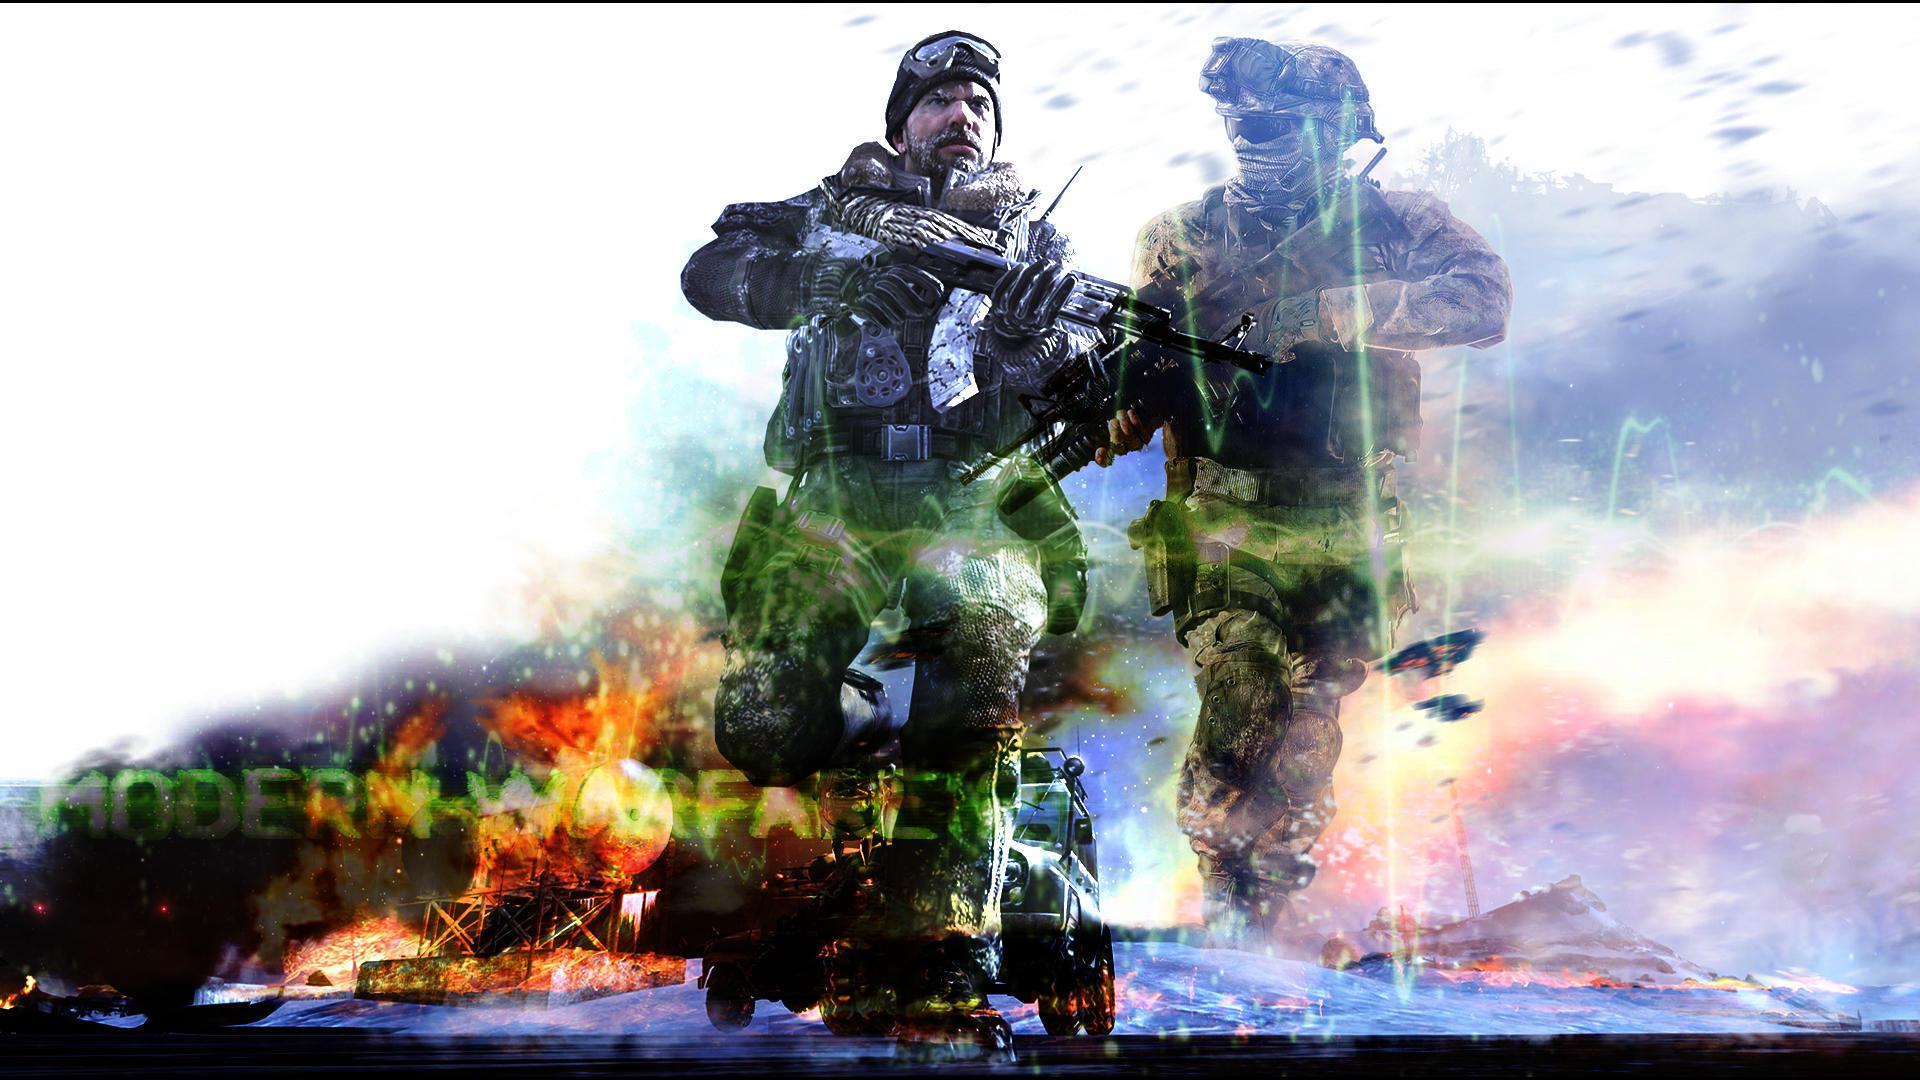 Modern Warfare 2 Wallpaper by Geffekt on DeviantArt